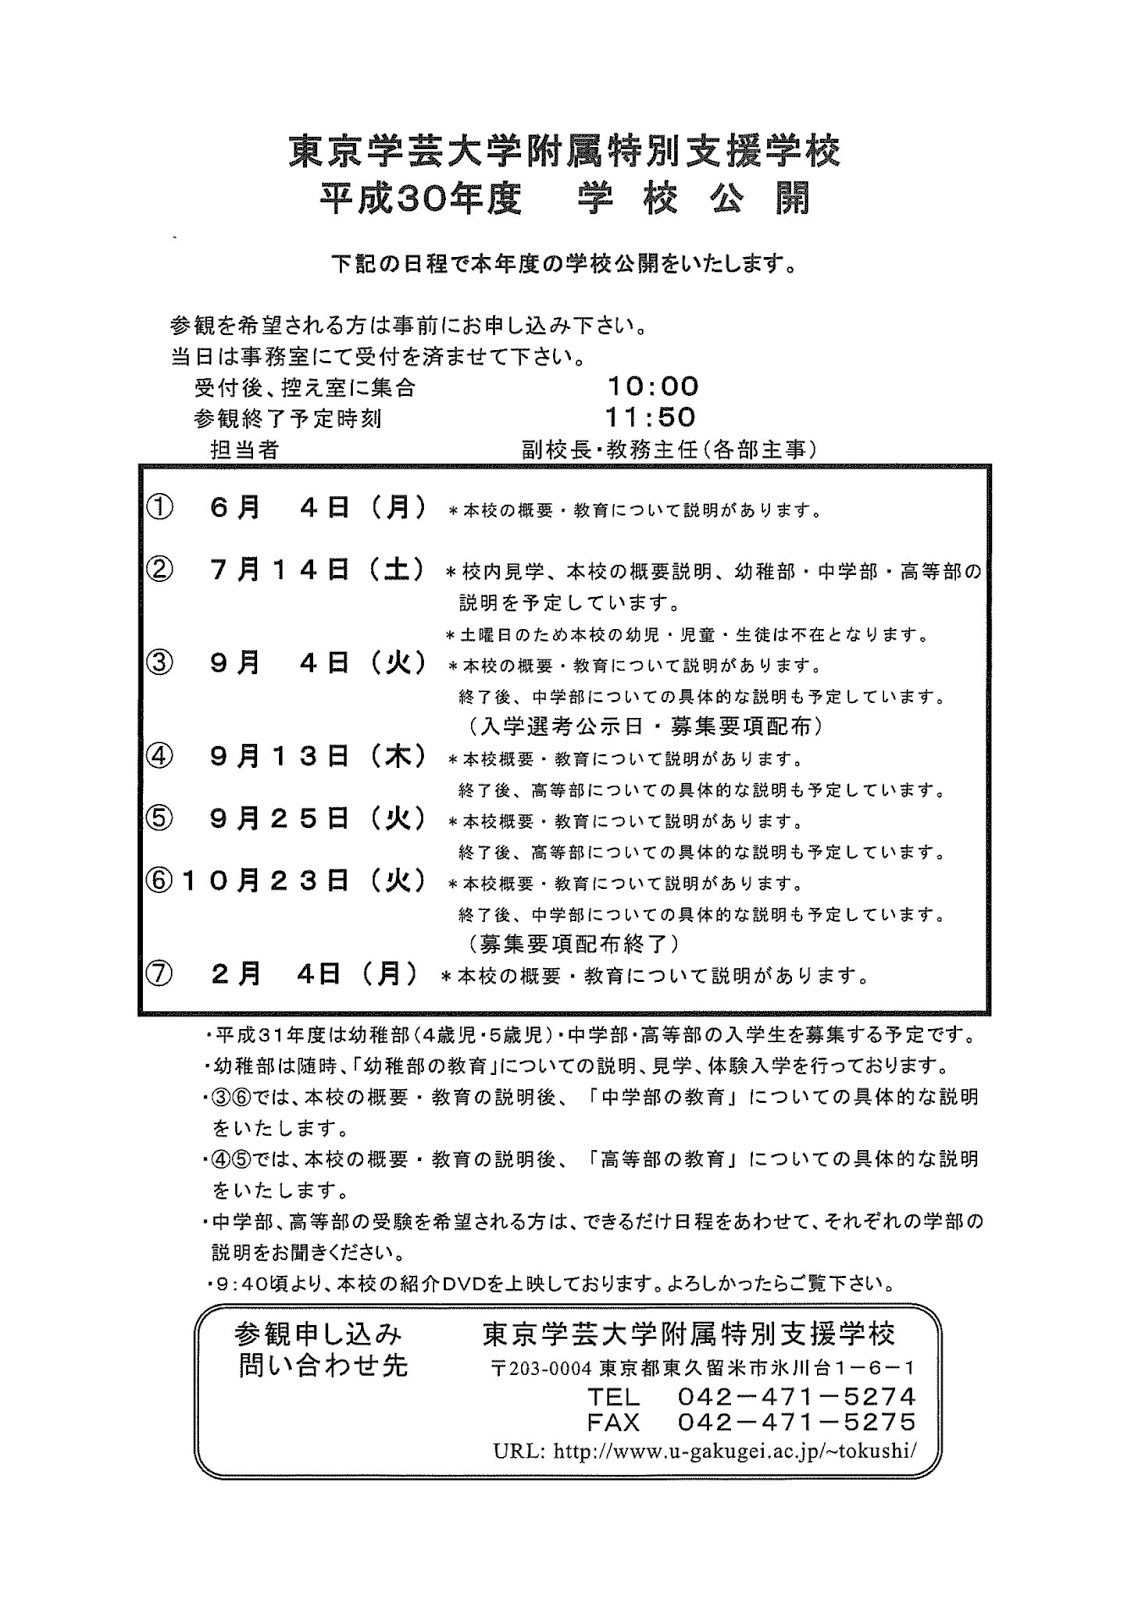 東京 学芸 大学 附属 特別 支援 学校